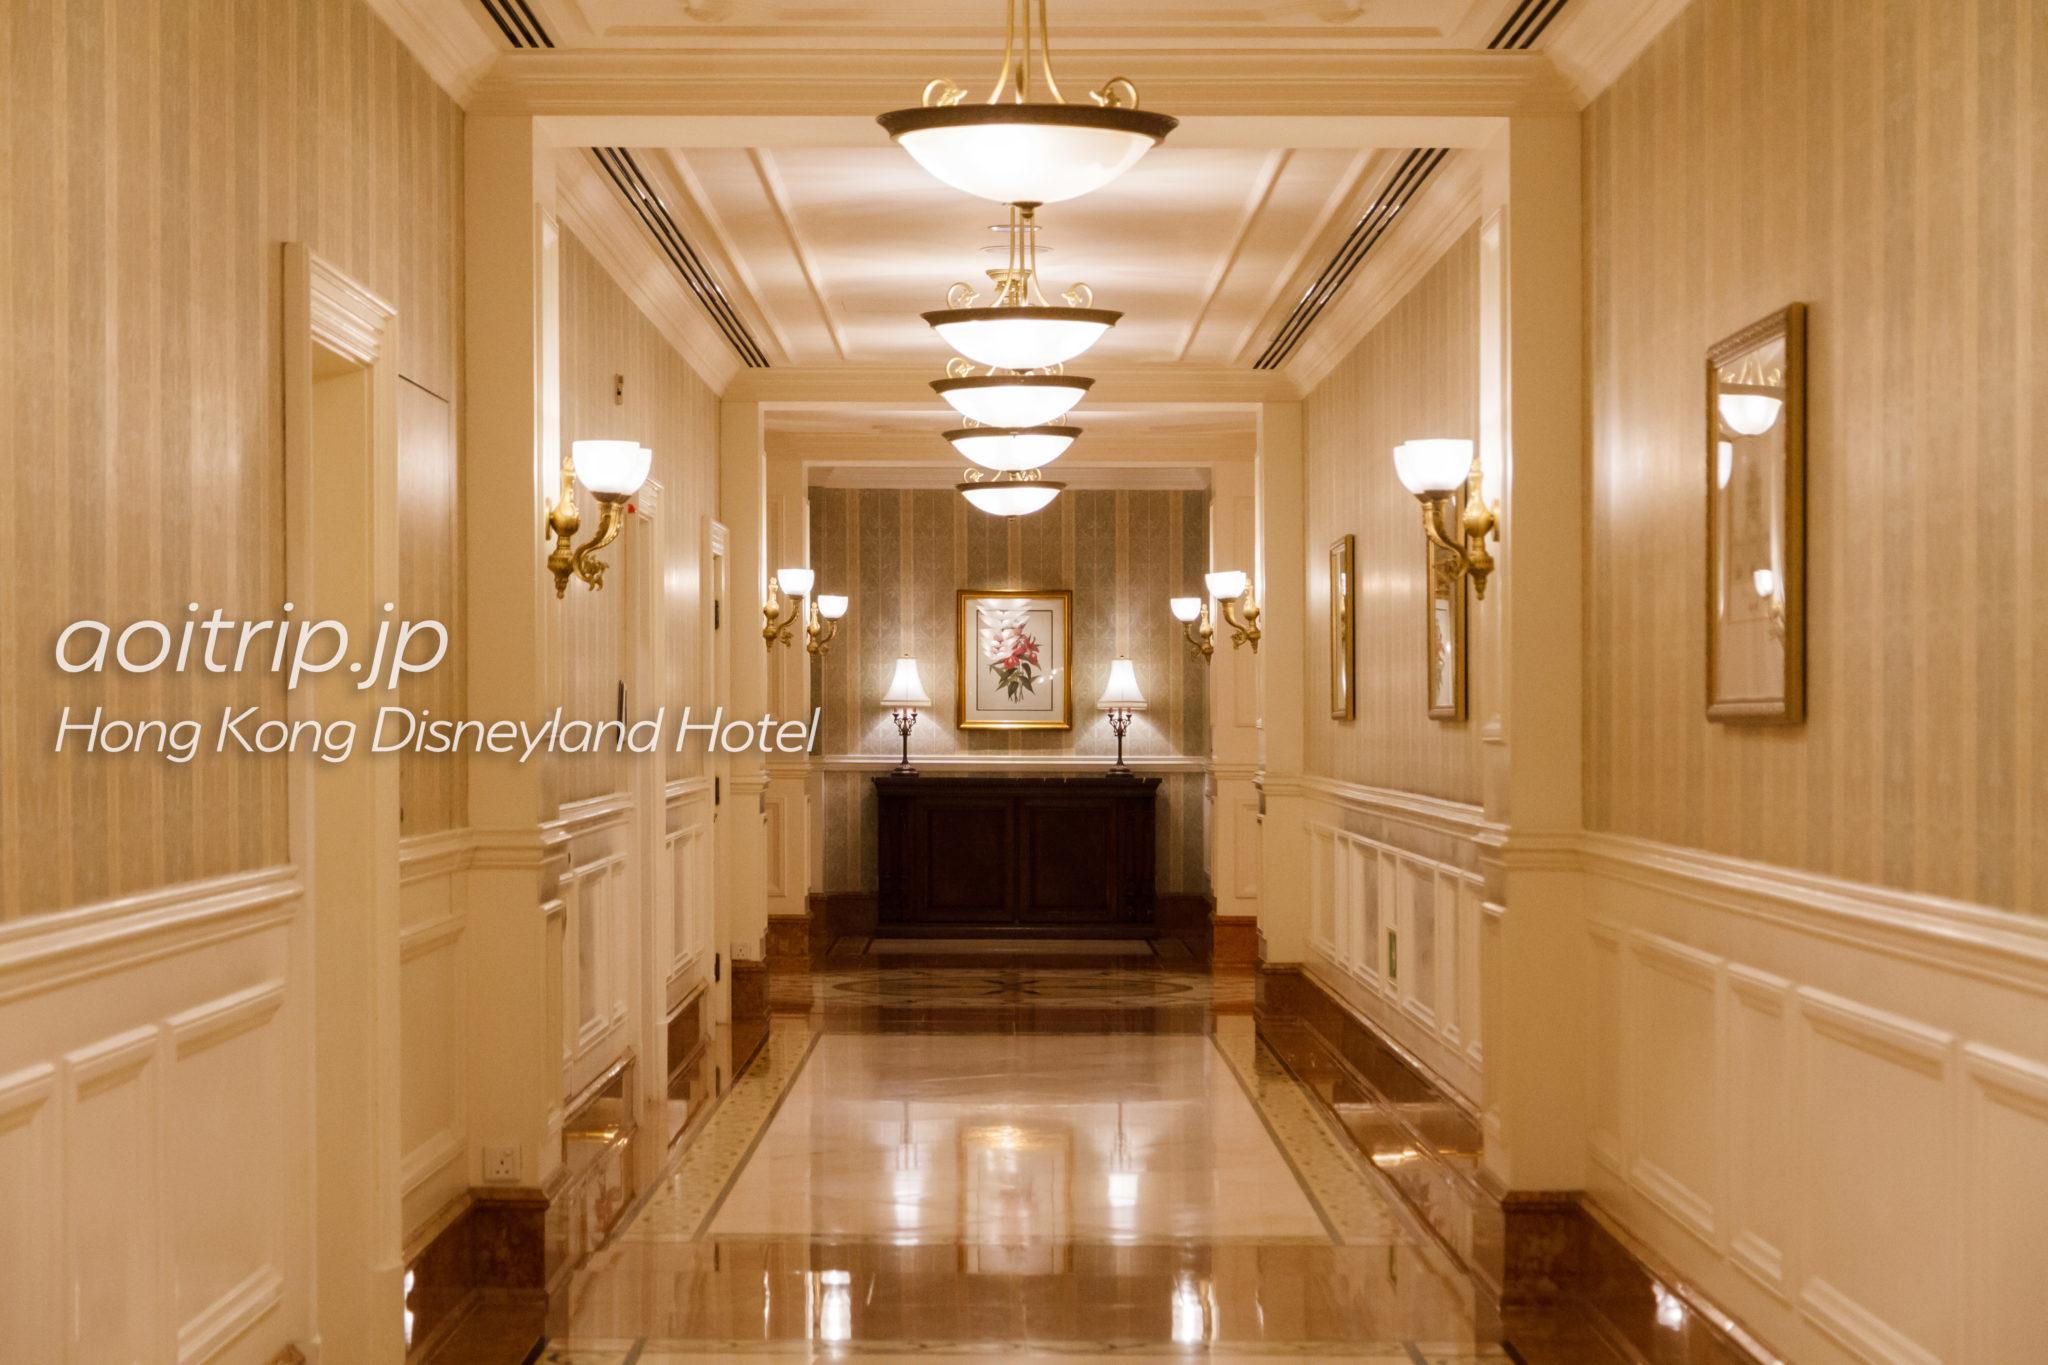 香港ディズニーランドホテル宿泊記|Hong Kong Disneyland Hotel